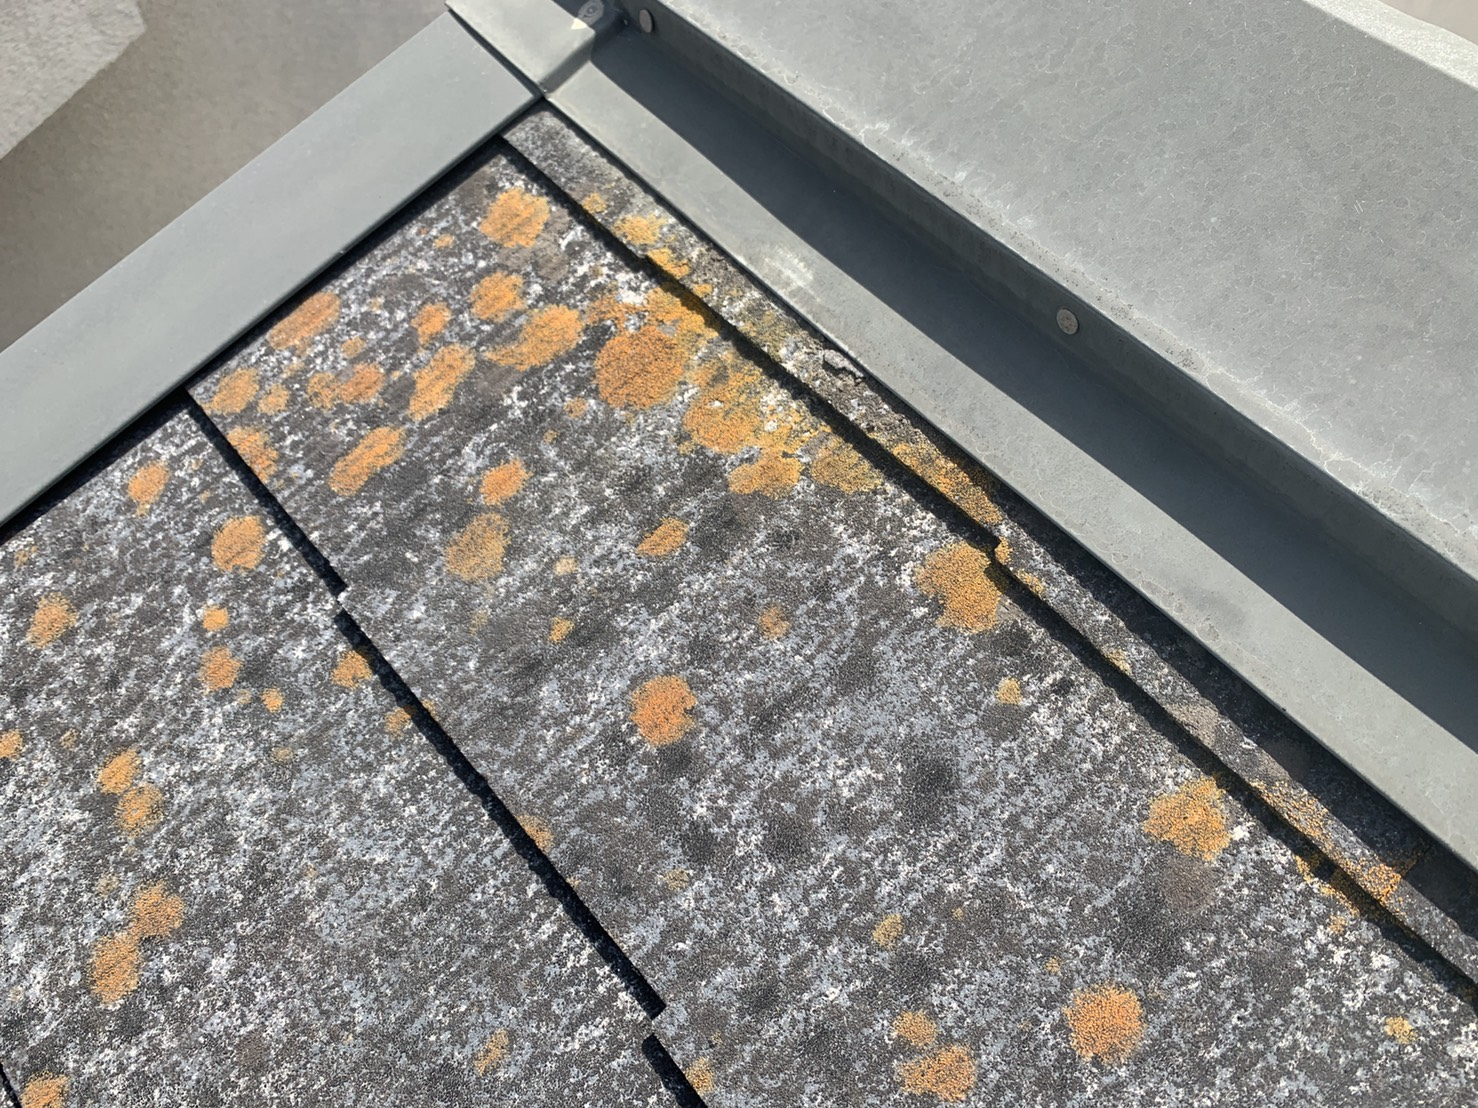 三田市でのスレート屋根調査でスレート屋根の表面に苔が生えている様子